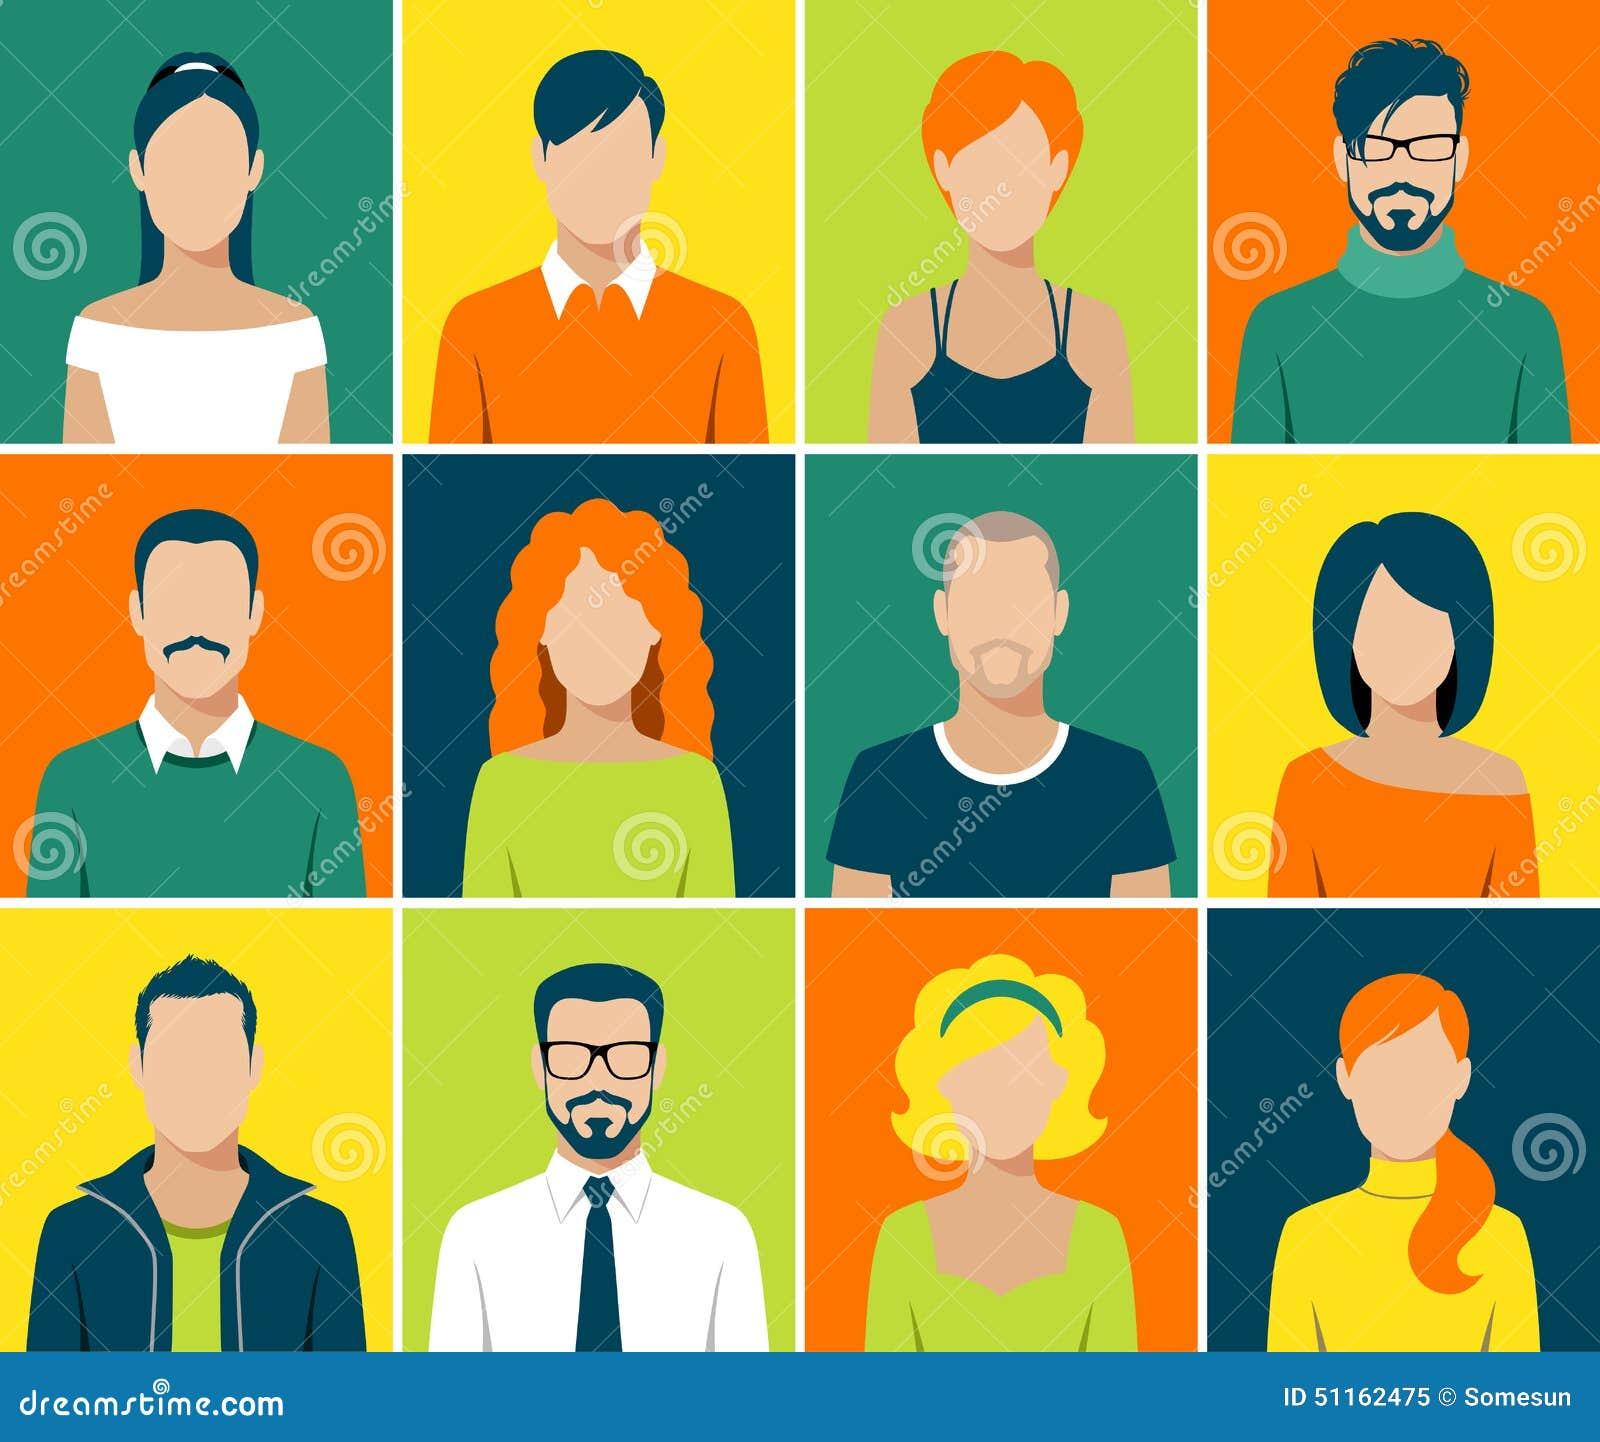 Vektor för folk för framsida för användare för plana avatarapp-symboler fastställd